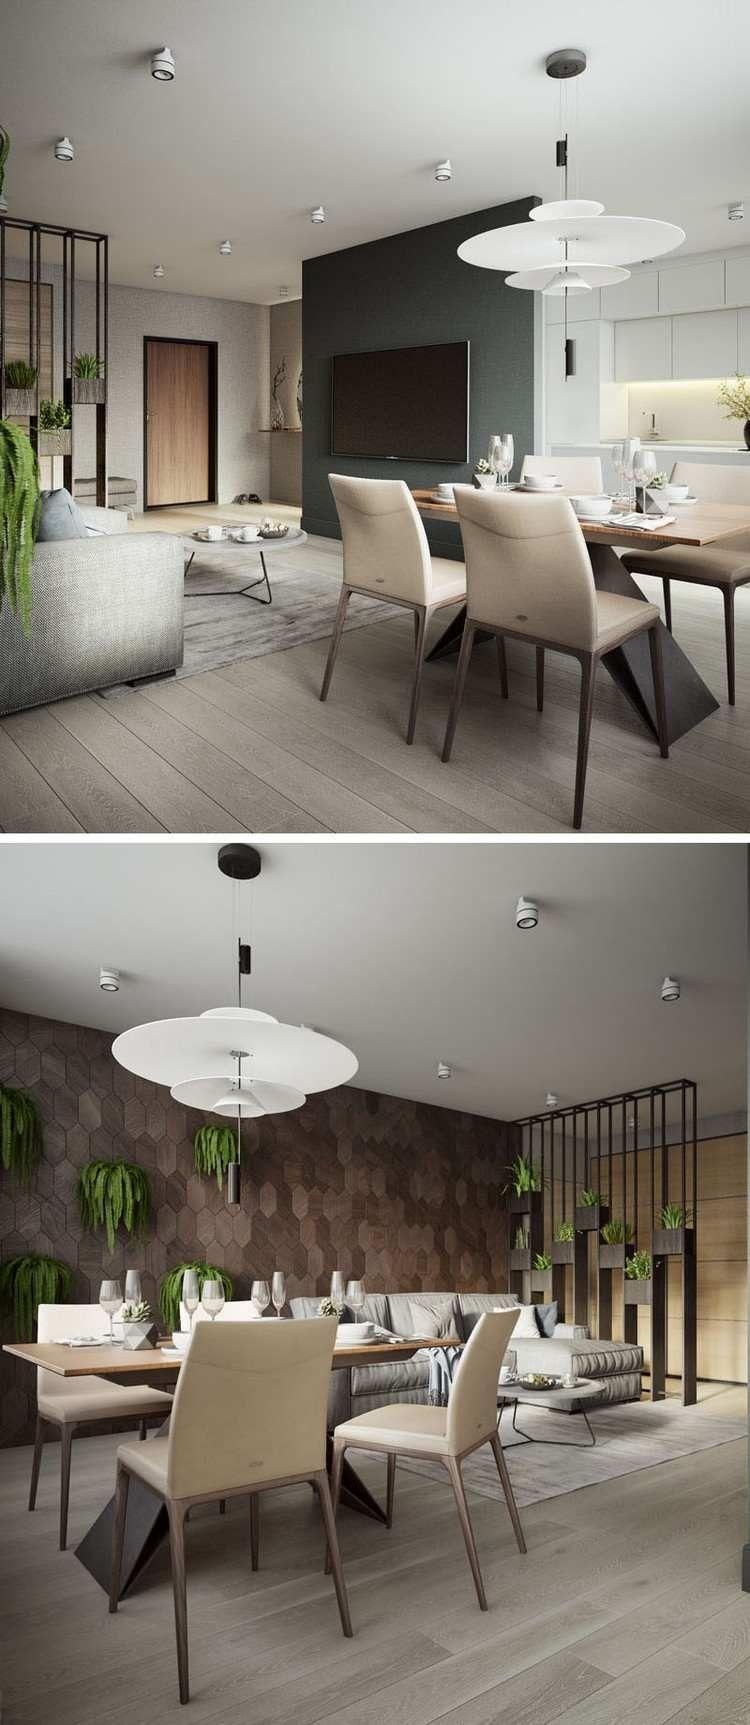 cloison ajourée bois revêtement mural salon idée déco effet nature